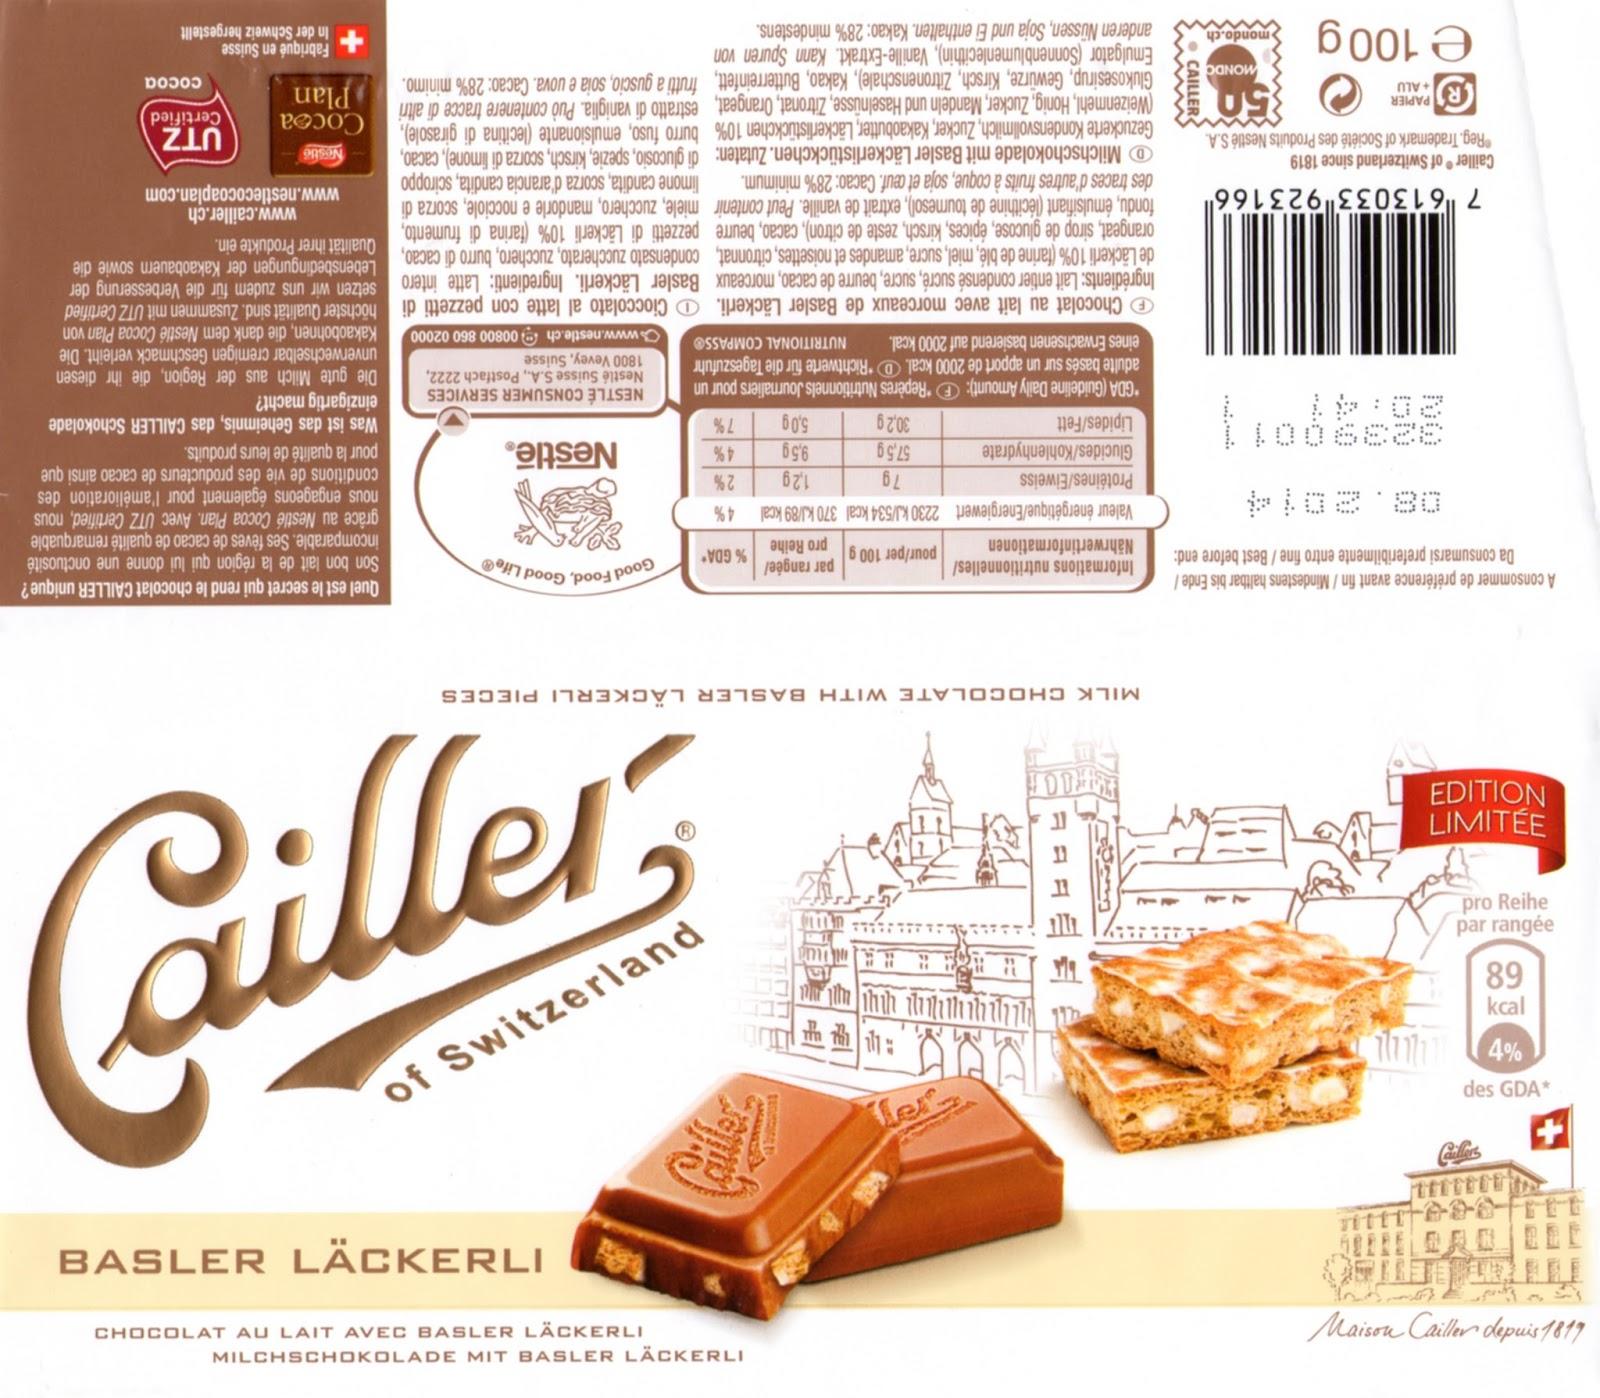 tablette de chocolat lait gourmand cailler lait basler läckerli